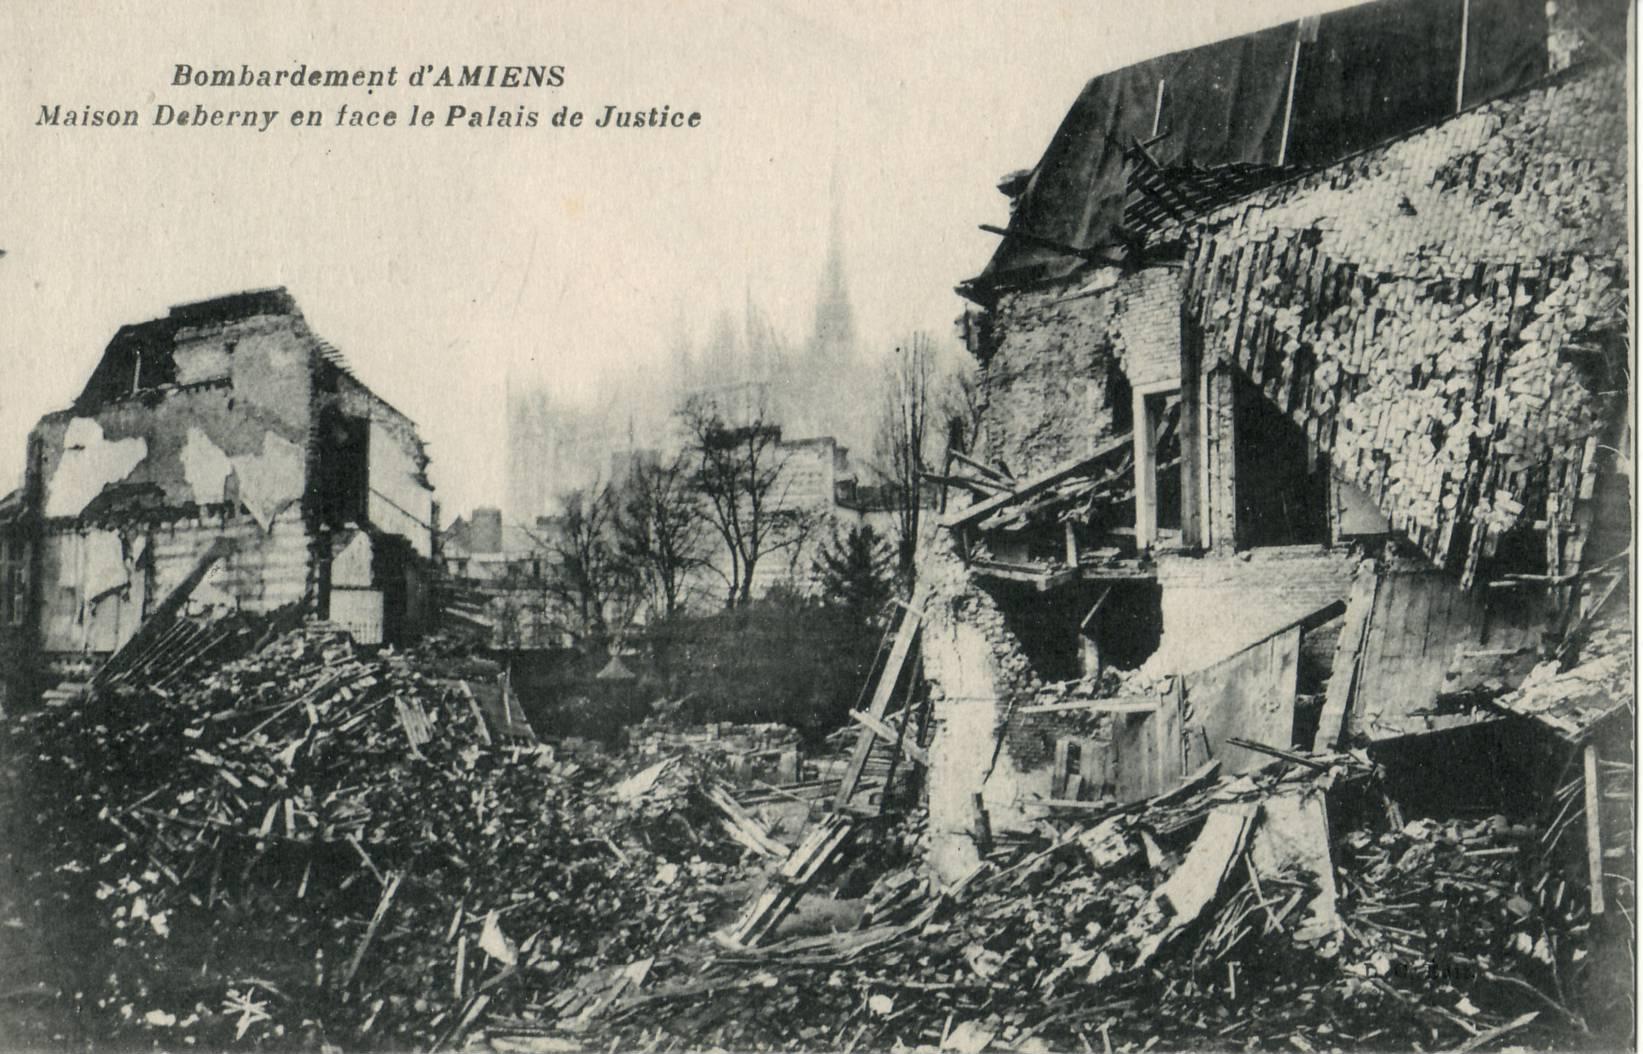 Bombardement d'AMIENS - Maison Deberny en face du Palais de Justice